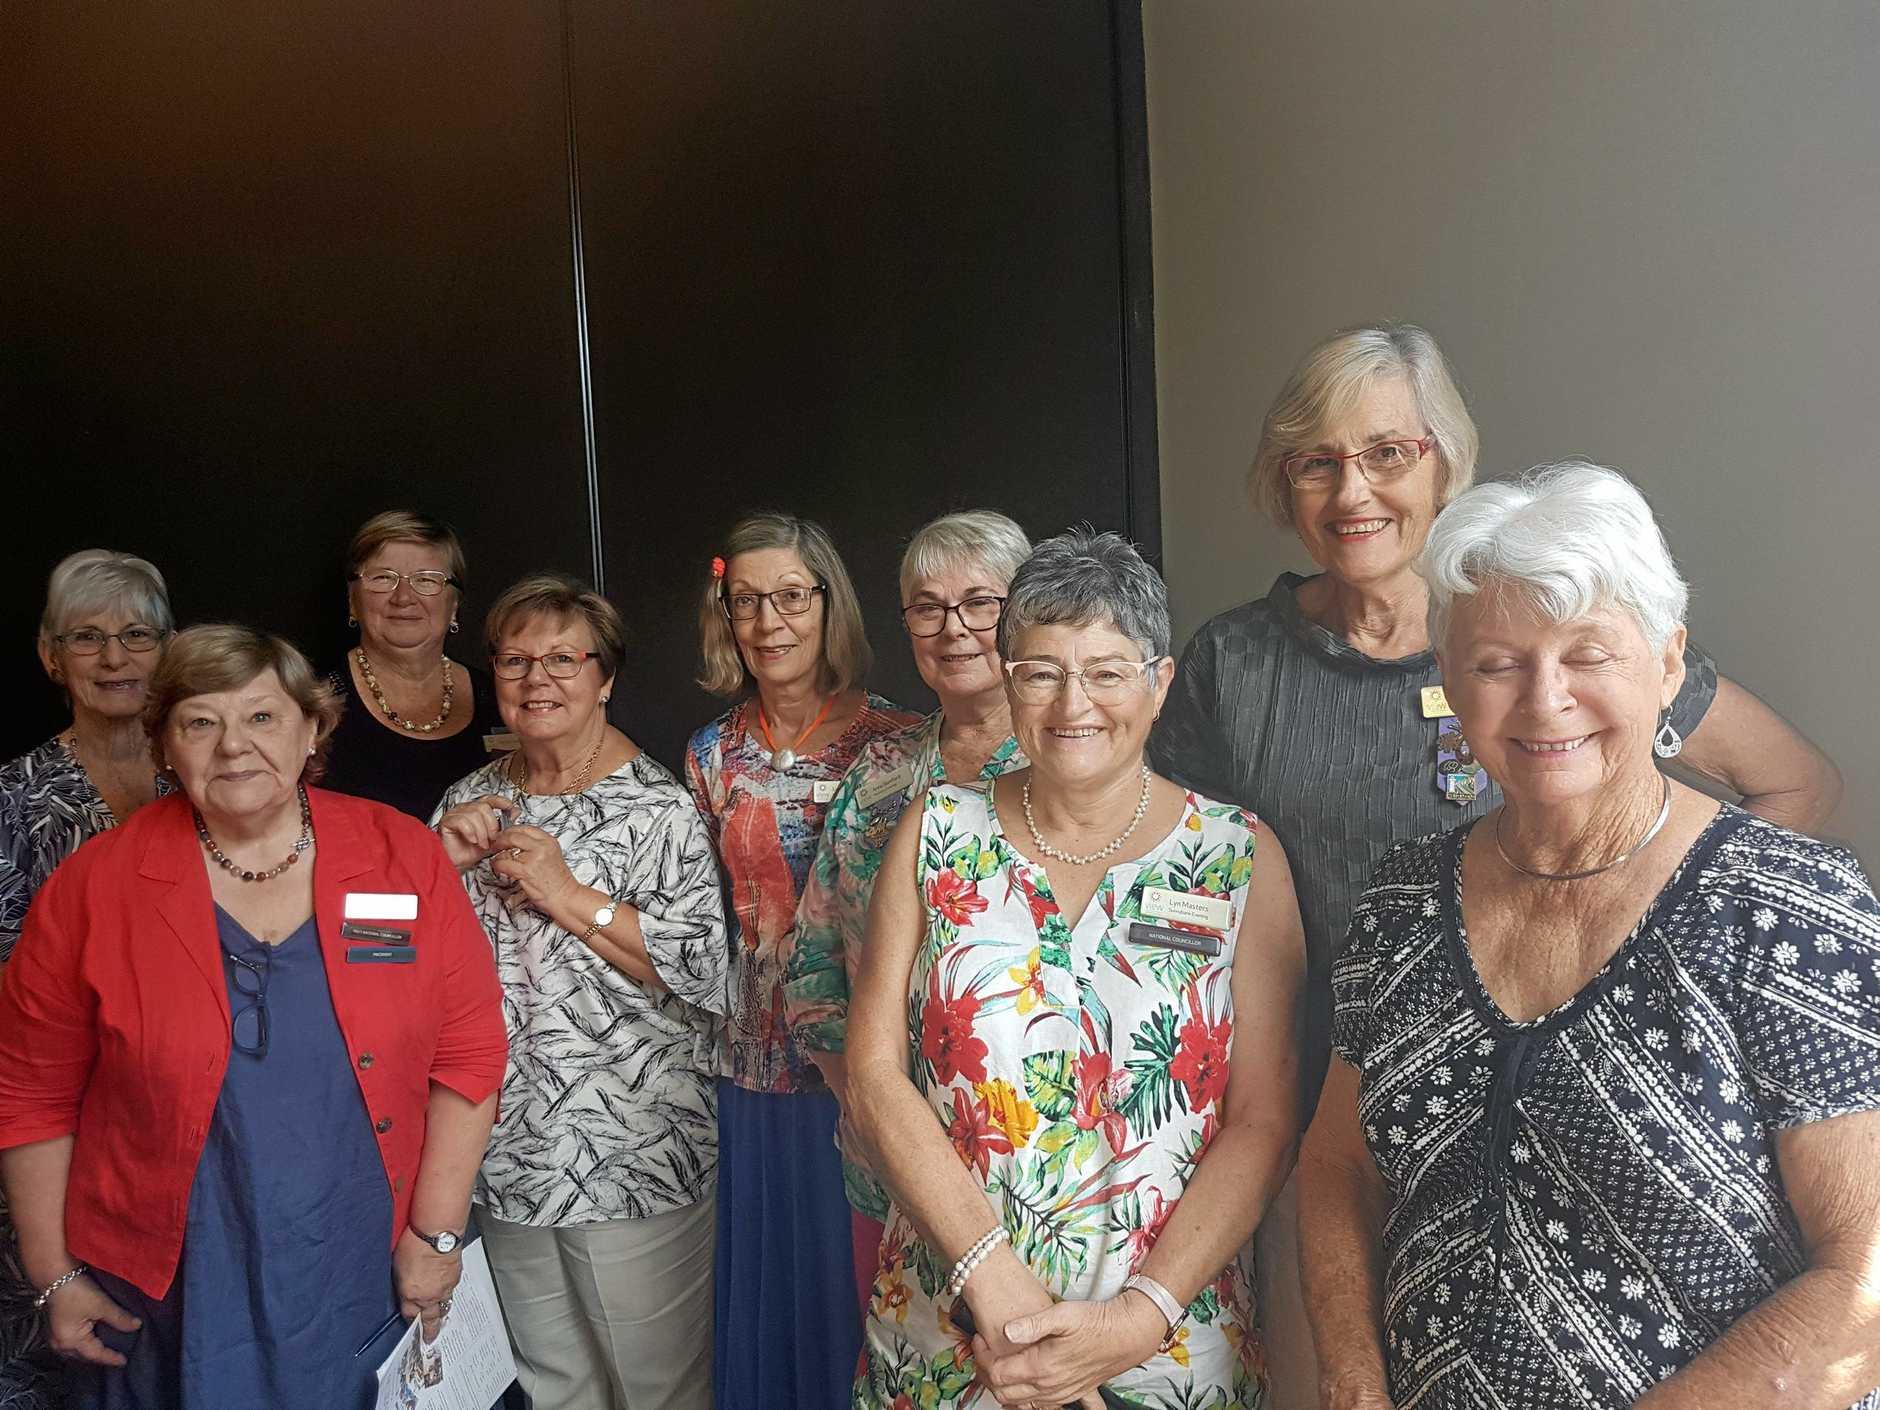 Kenmore VIEW Club 2019 Committee members.